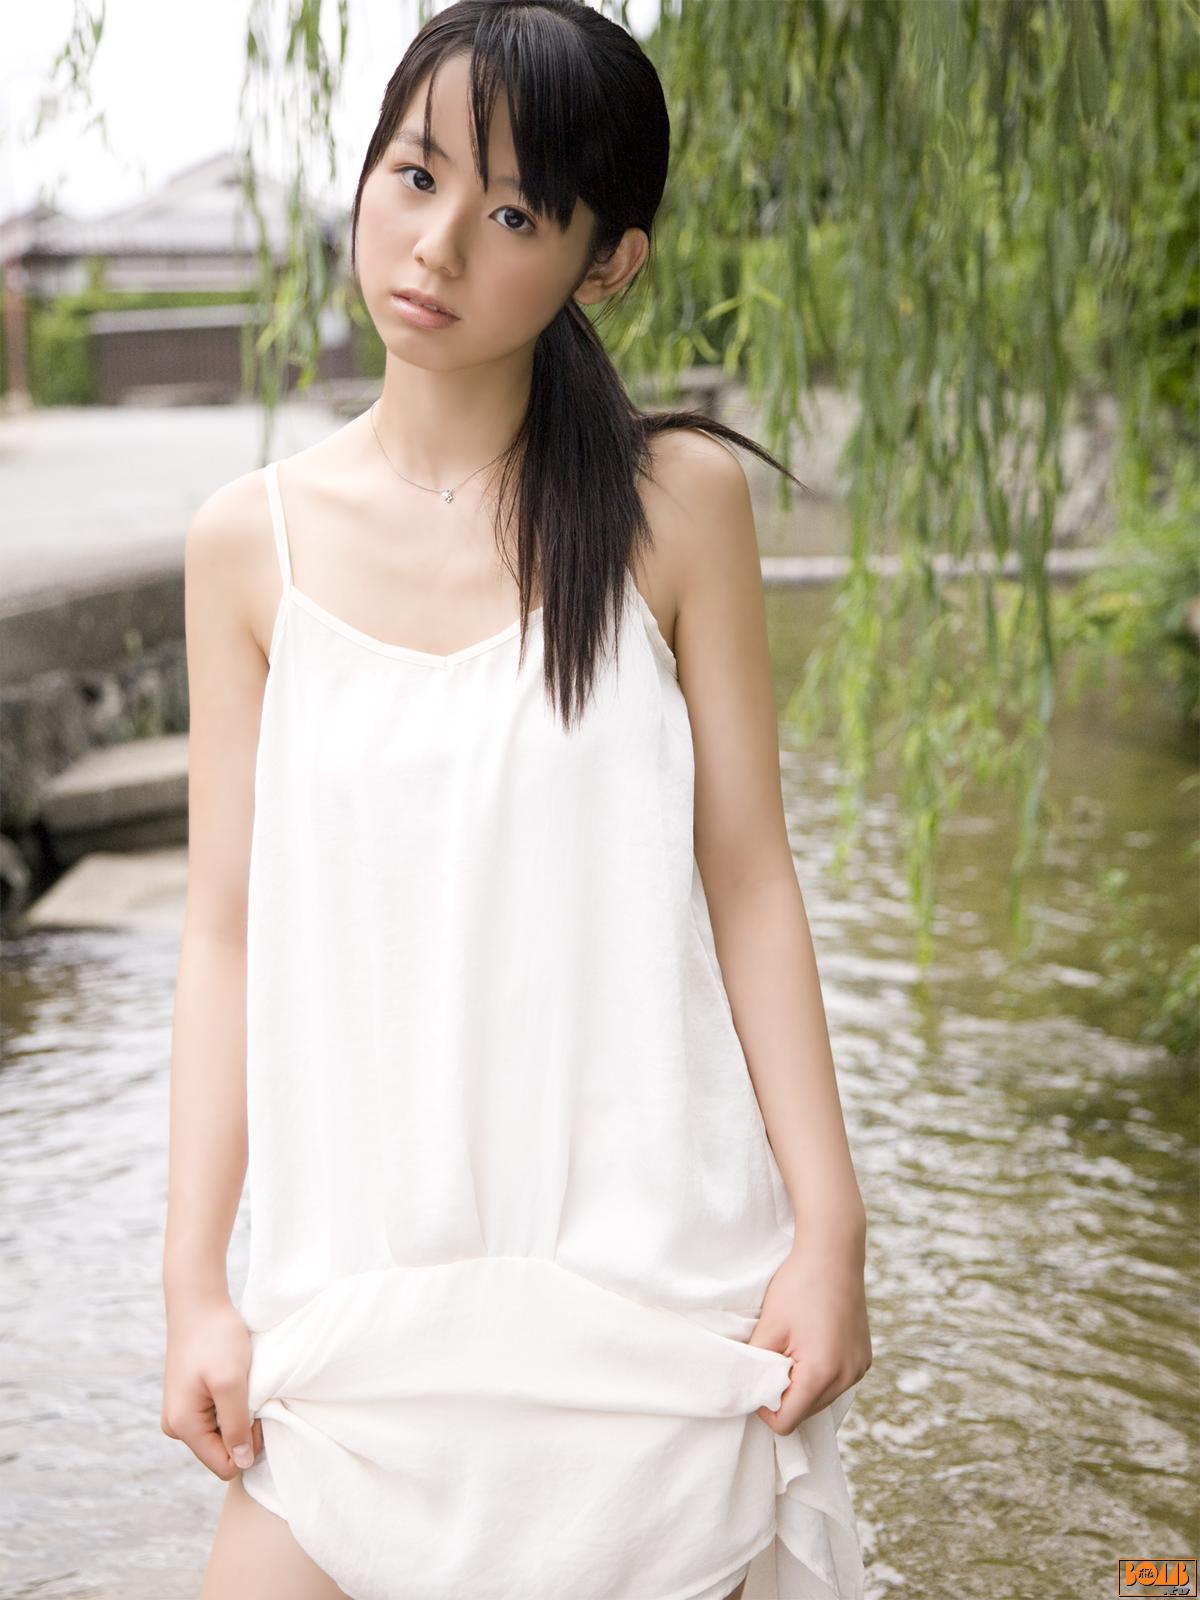 2011 Rina Koike in 3 cute dress ~ khmergayonly